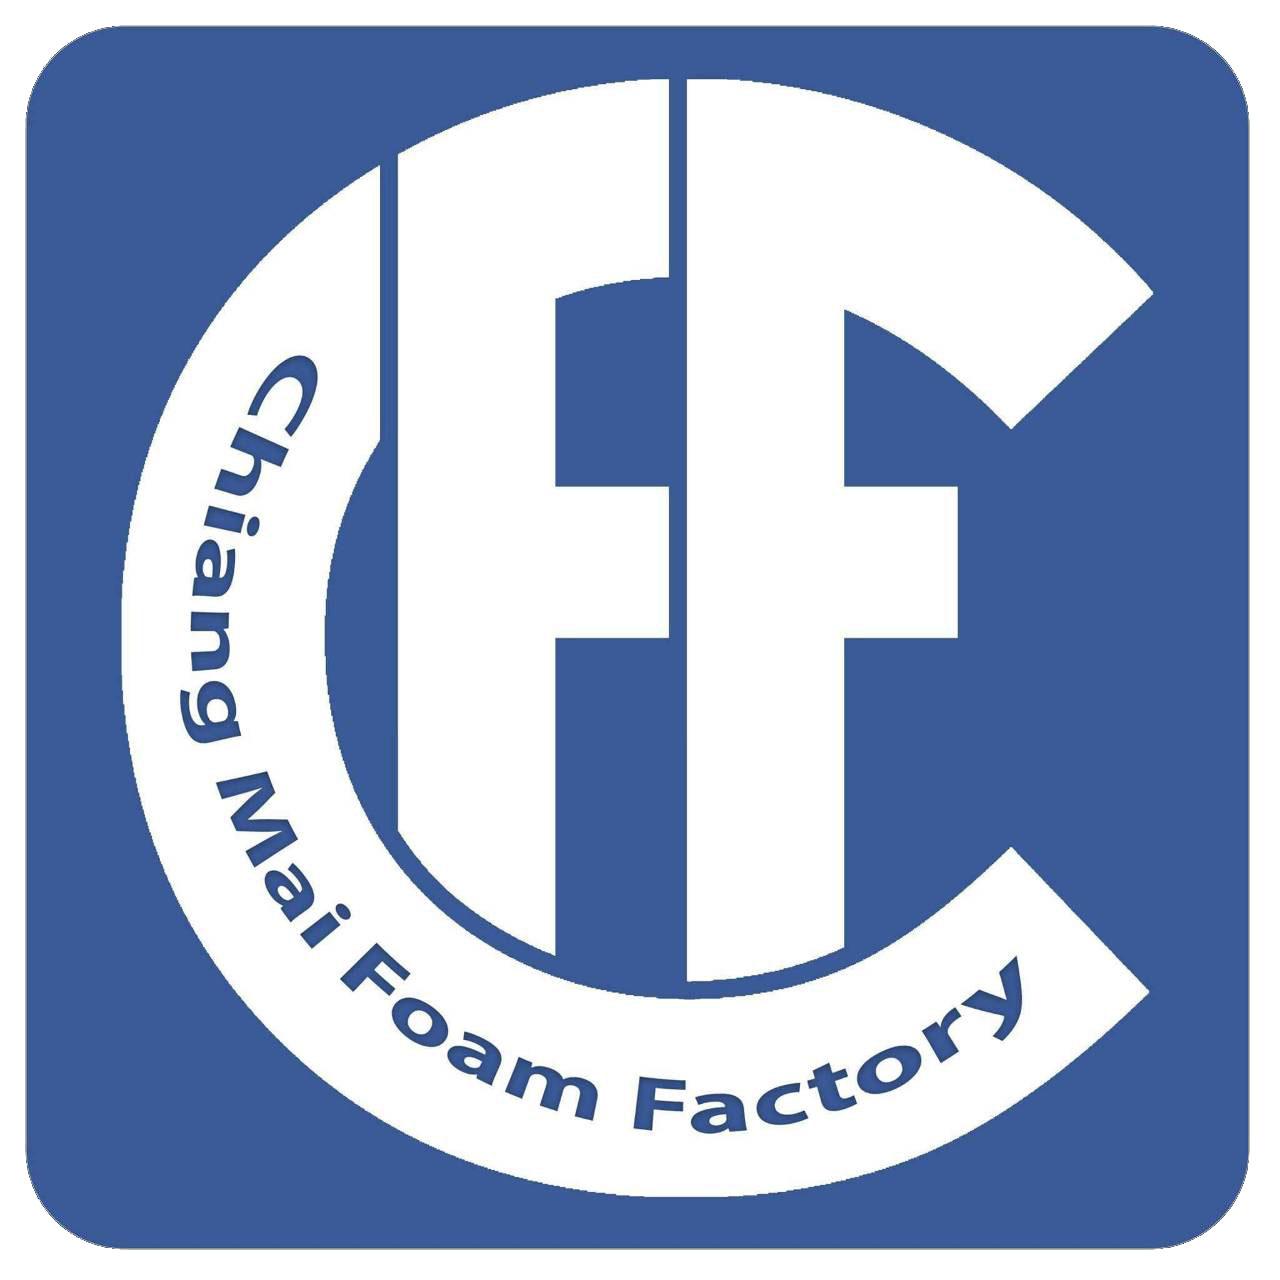 Chiang Mai Foam Factory